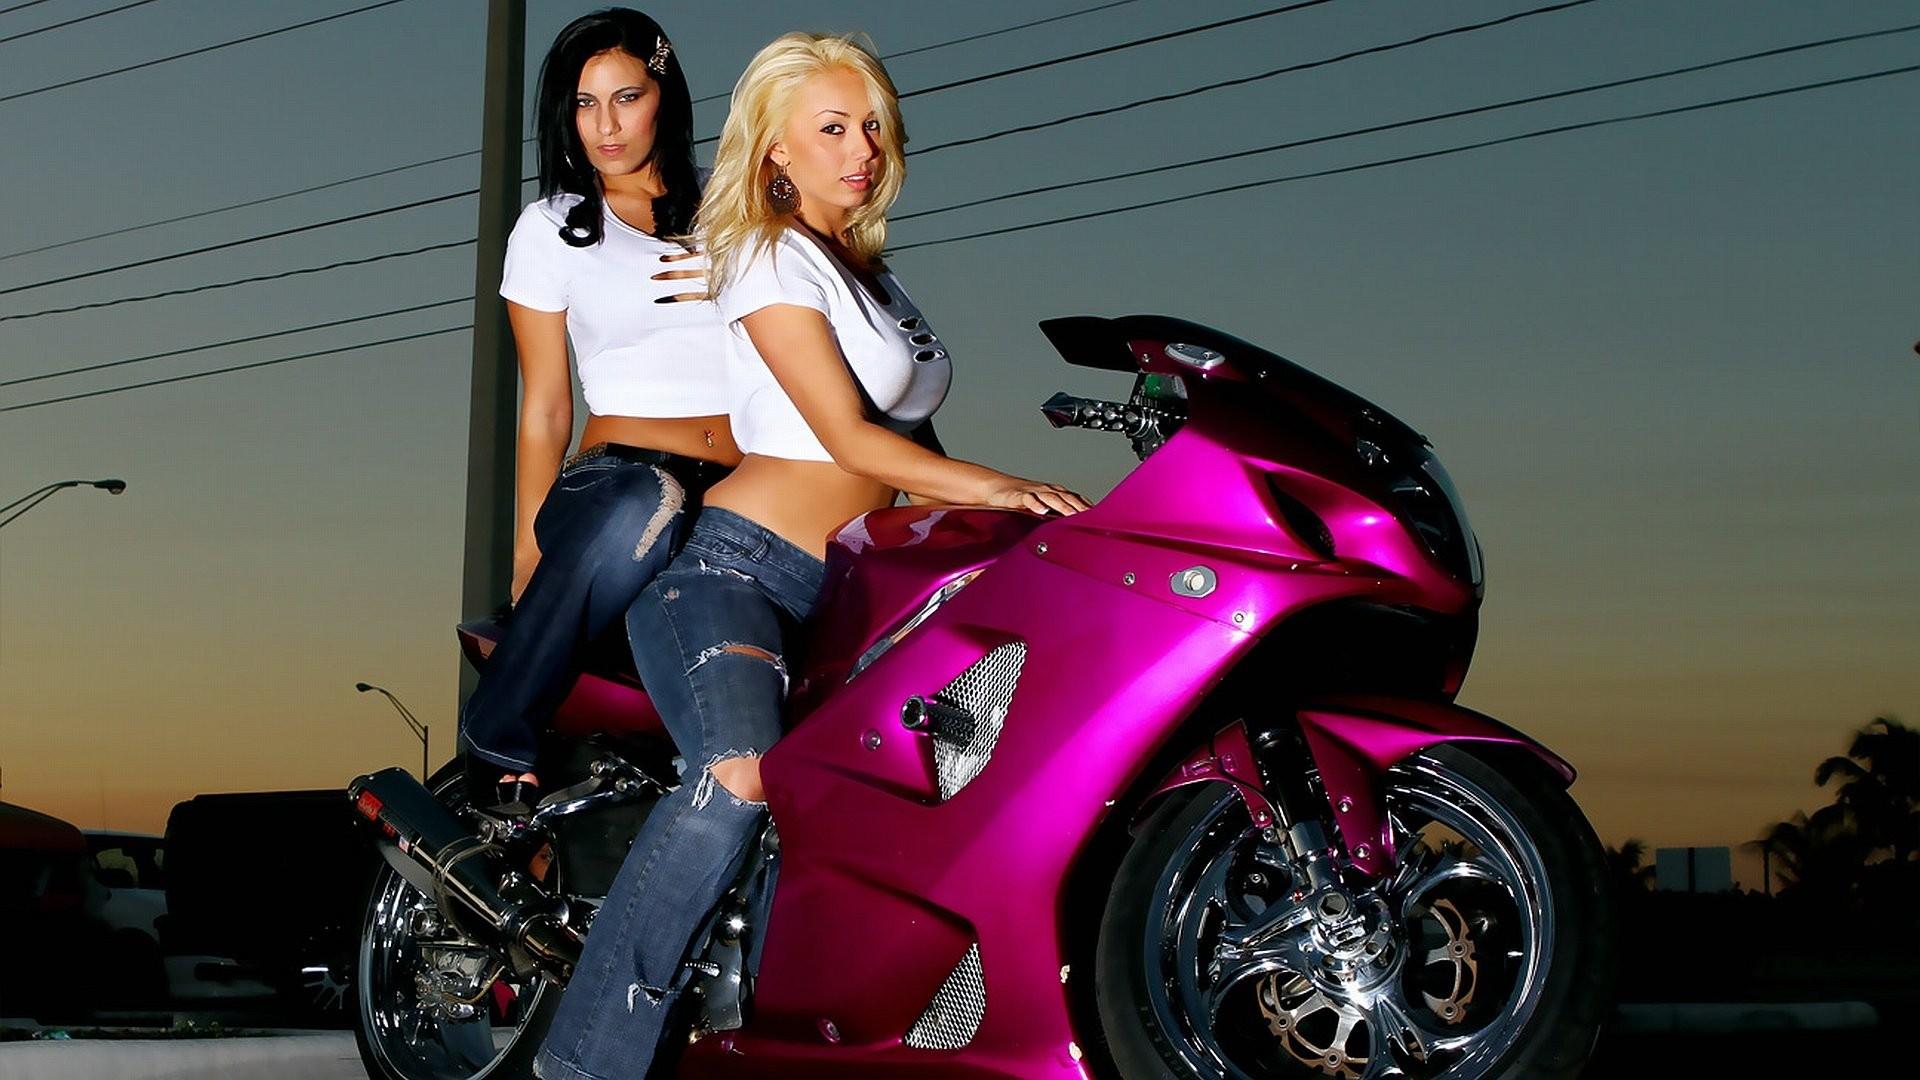 Motorcycle Girls 255570